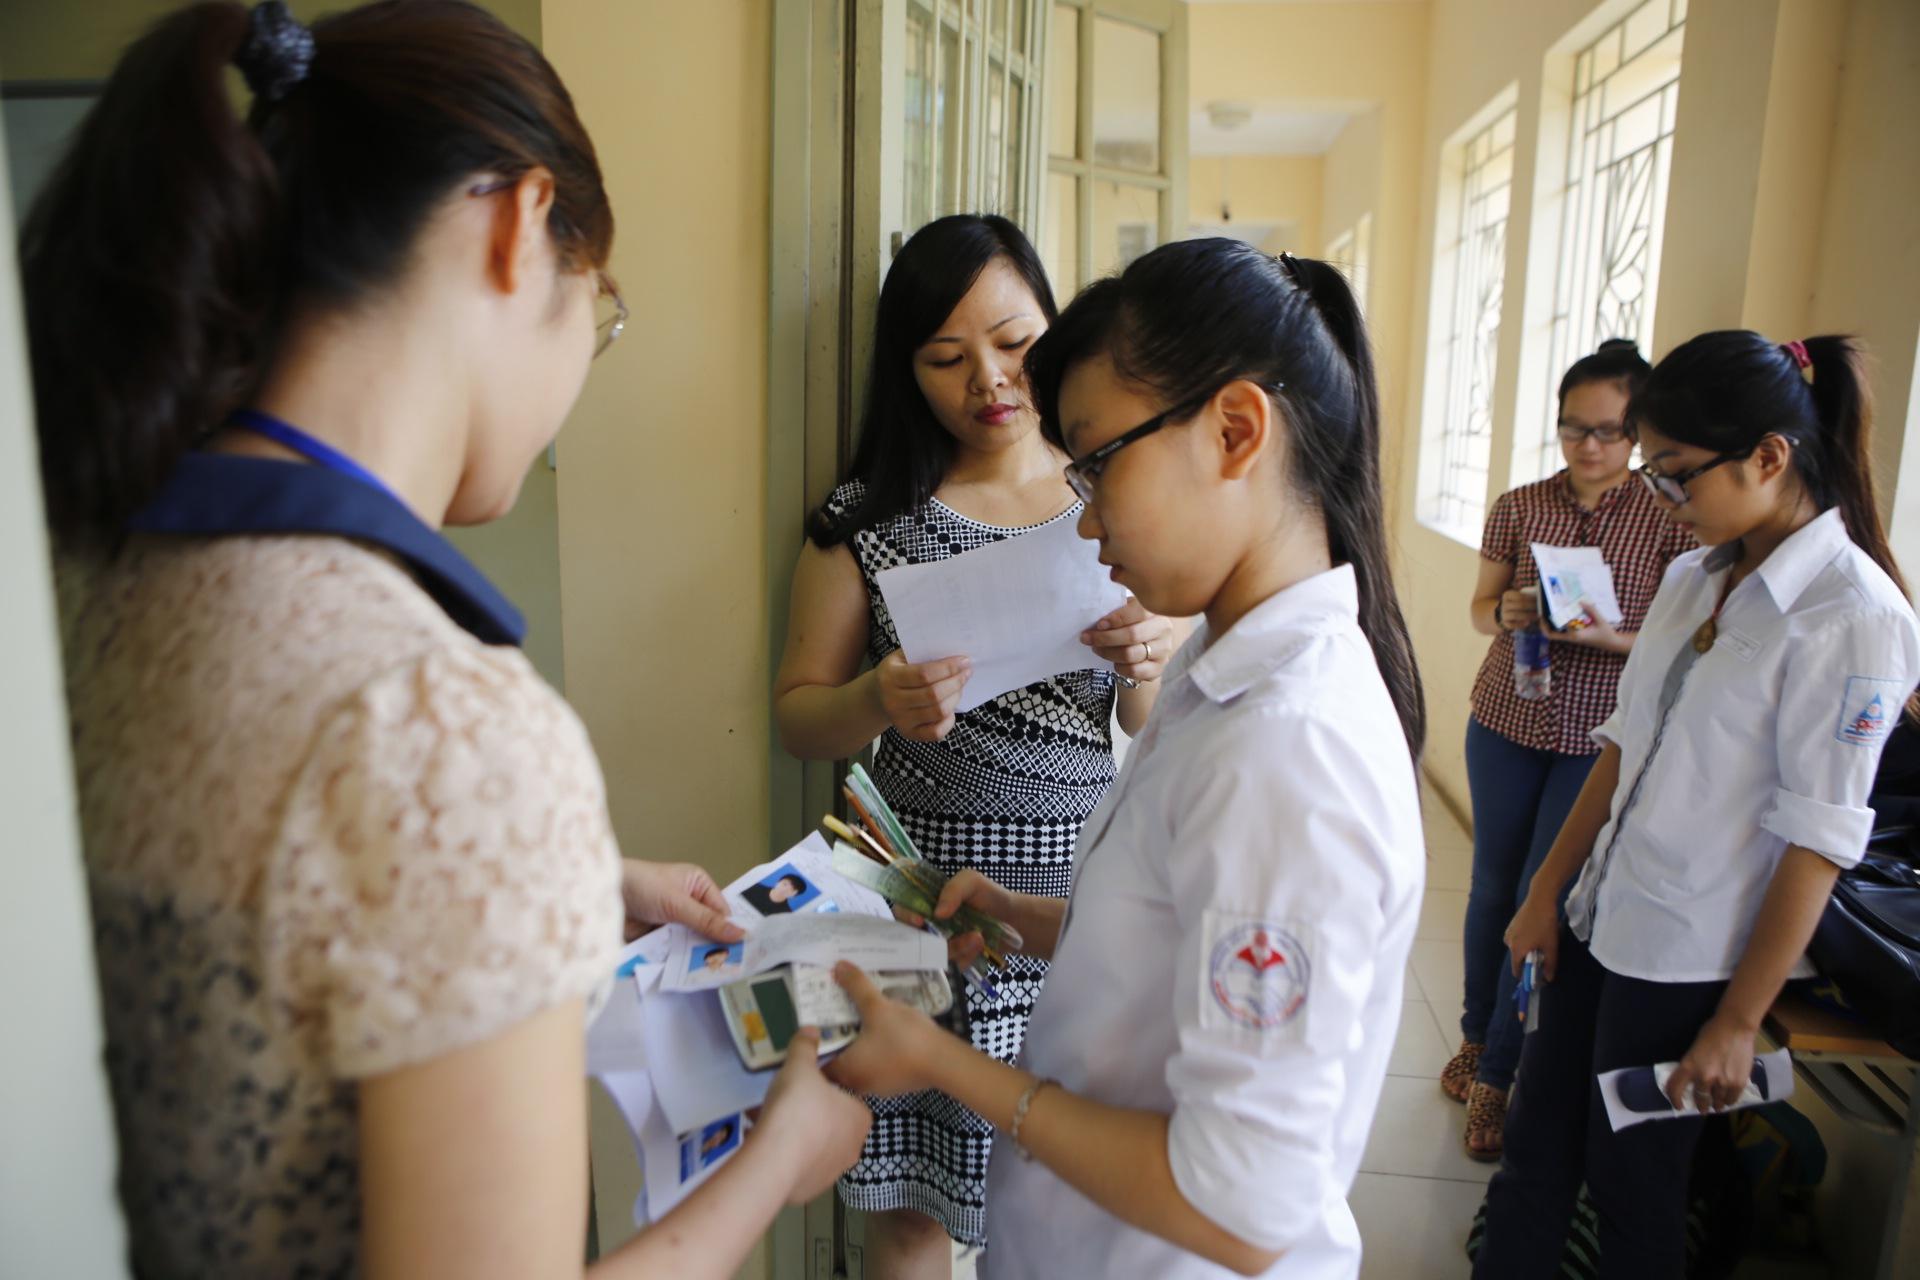 Đề thi của kỳ thi THPT Quốc gia 2015 sẽ như nào